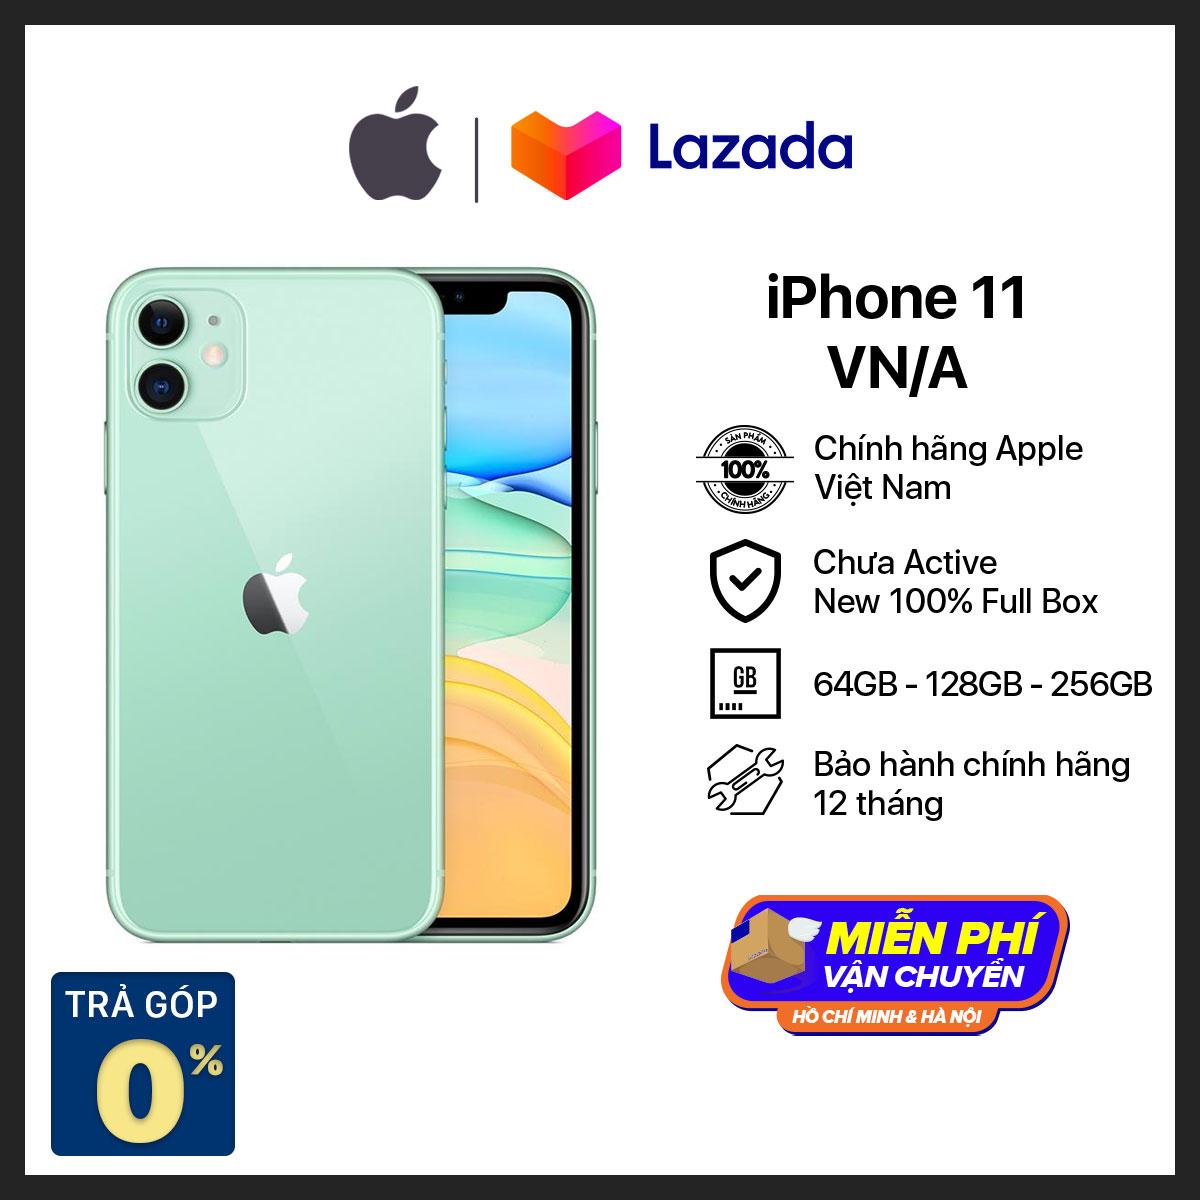 Điện thoại Apple iPhone 11 - Hàng Chính Hãng VN/A - Mới 100% - (Phiên bản mới) không có củ sạc và tại nghe